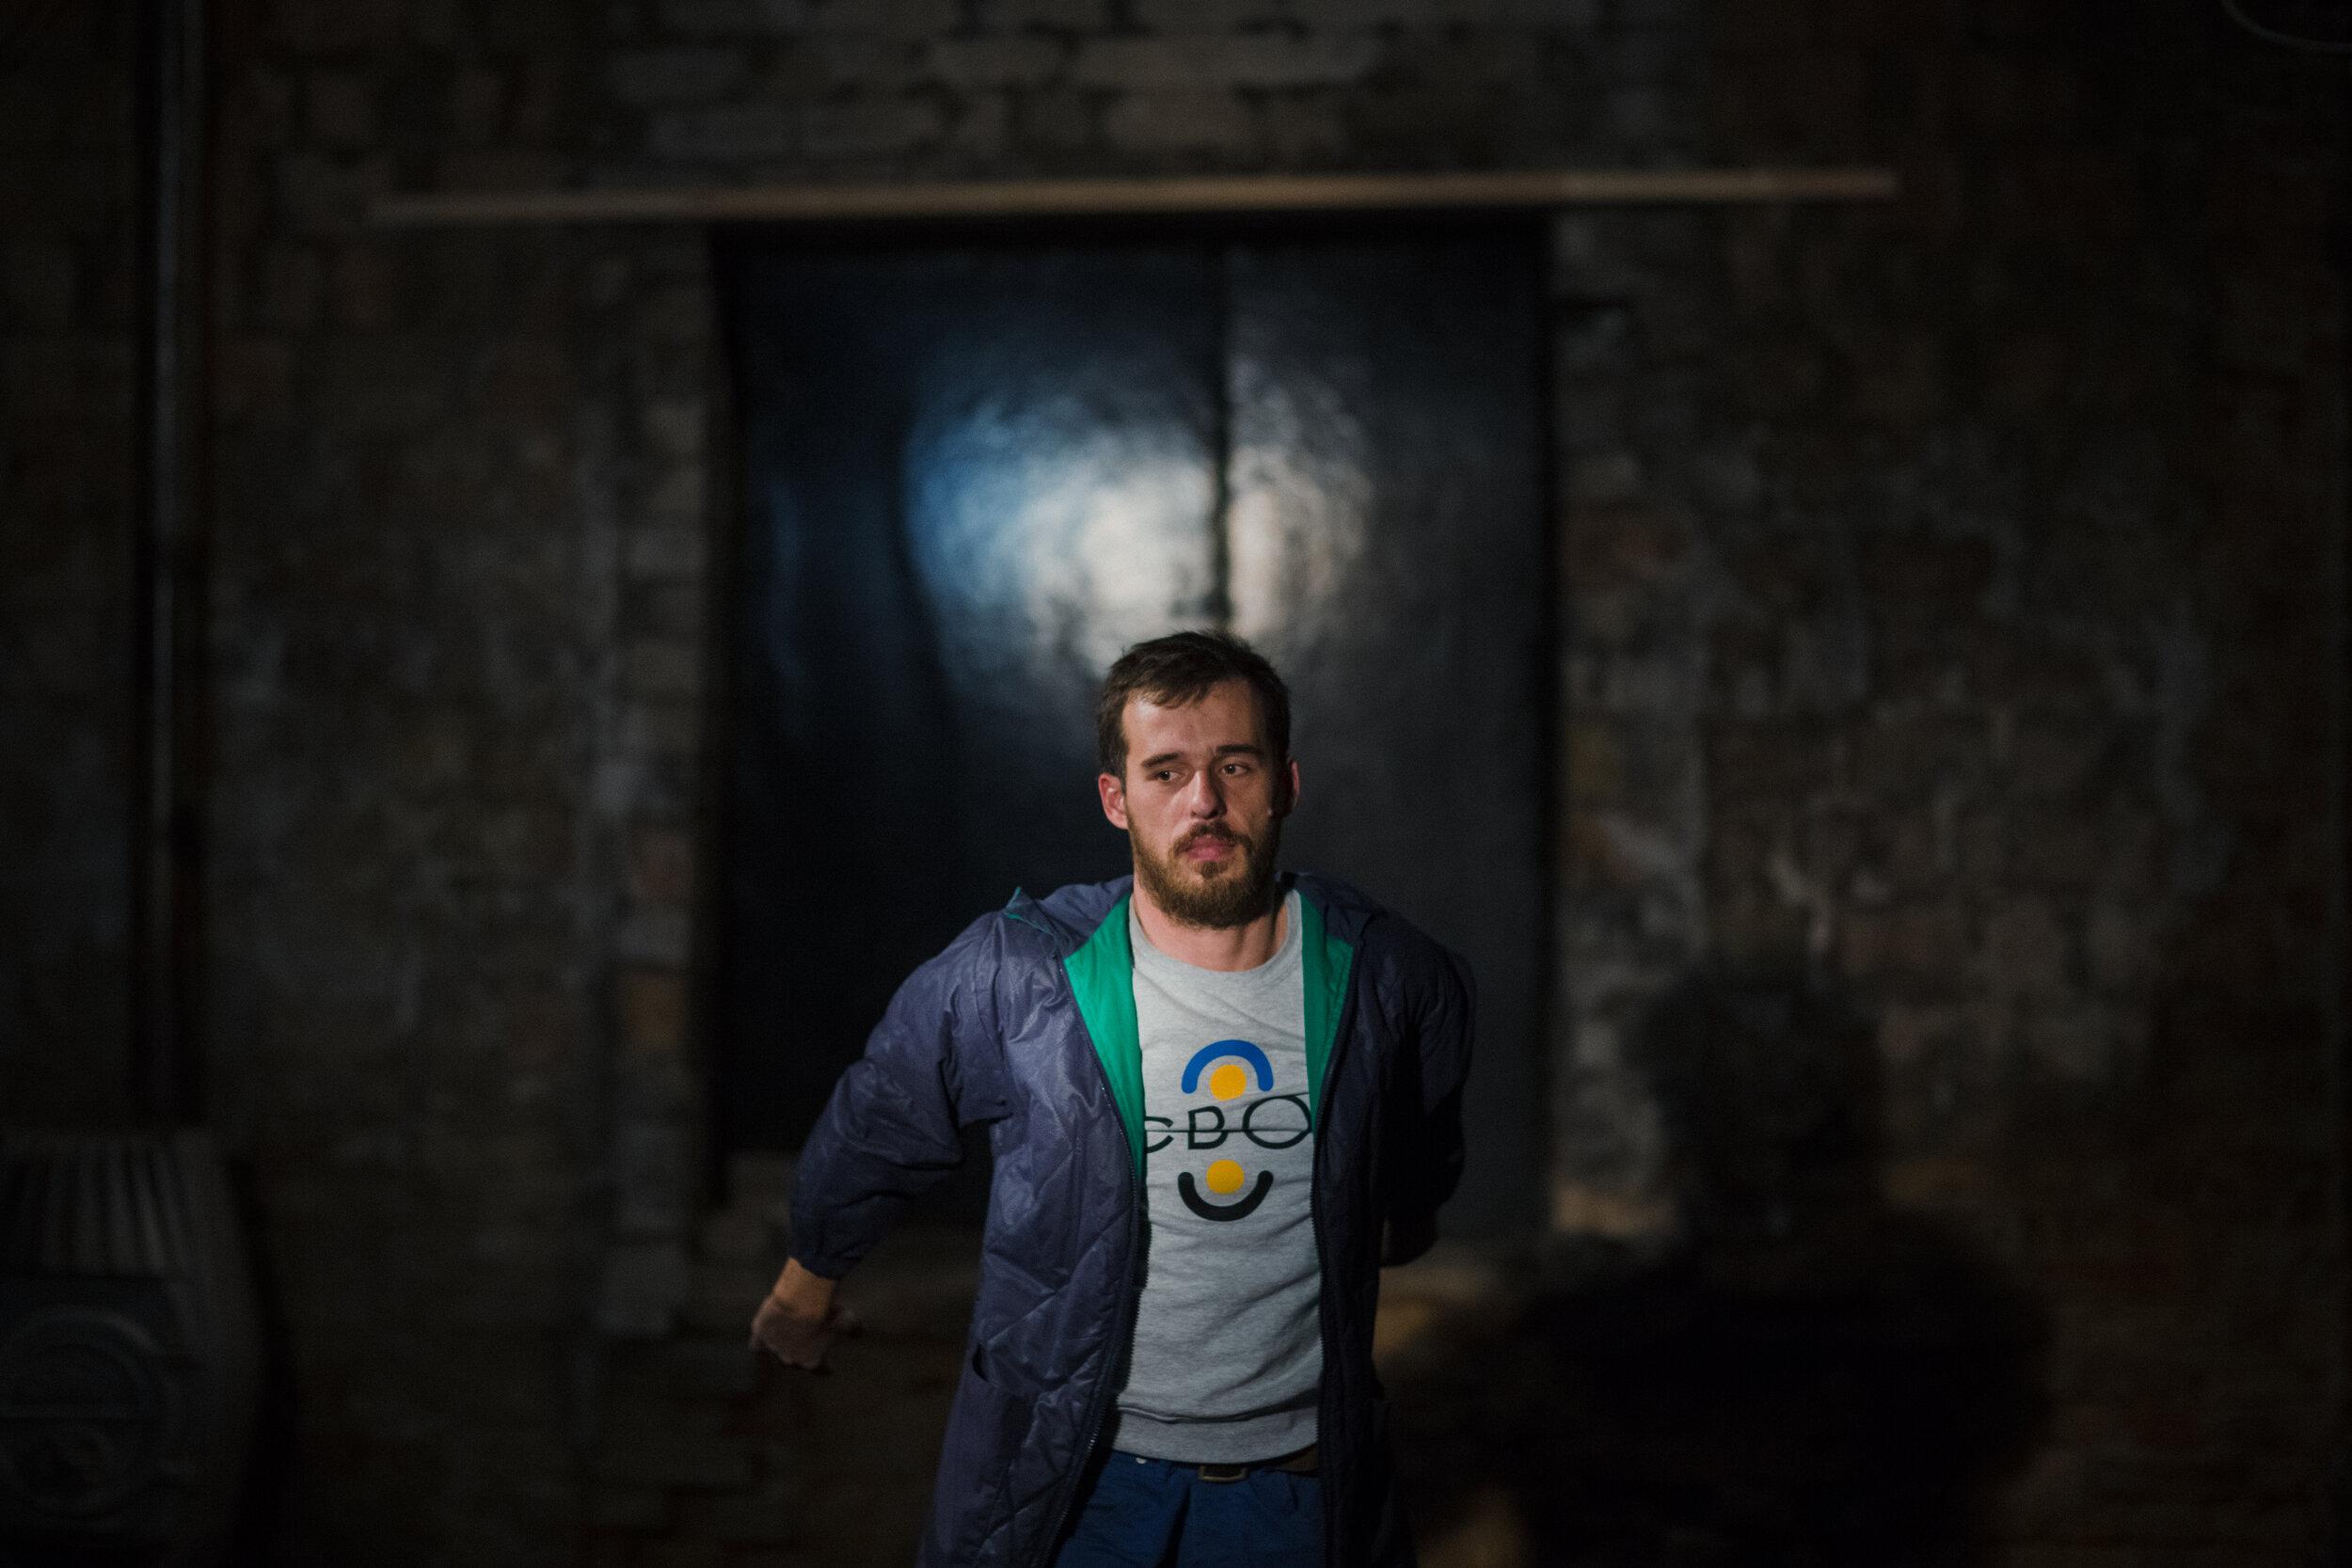 Призер спеціальної премії конкурсу МУХі 2019 Пьотр Армяновські про війну, перформанс та історії людей у своїх роботах